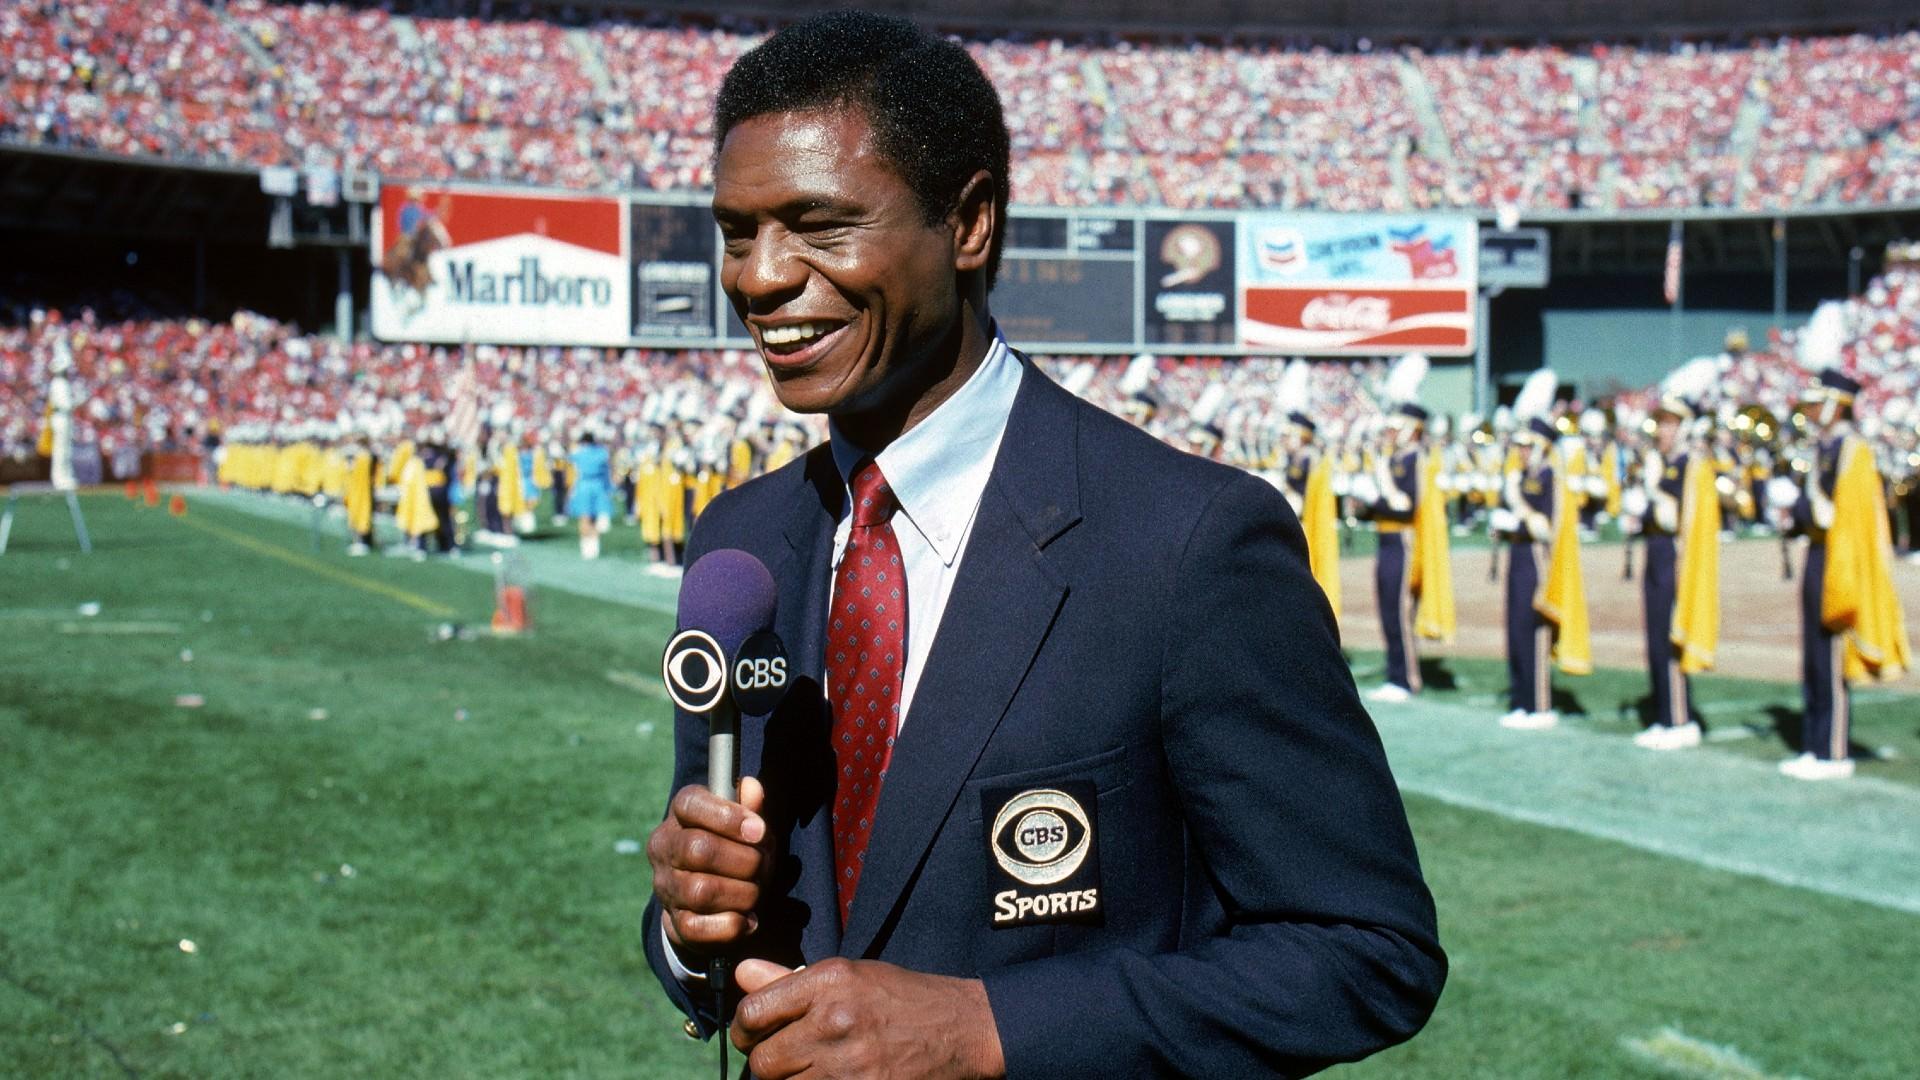 O mundo dos esportes se lembra de Irv Cross, ex-jogador da NFL que se tornou pioneiro na TV esportiva